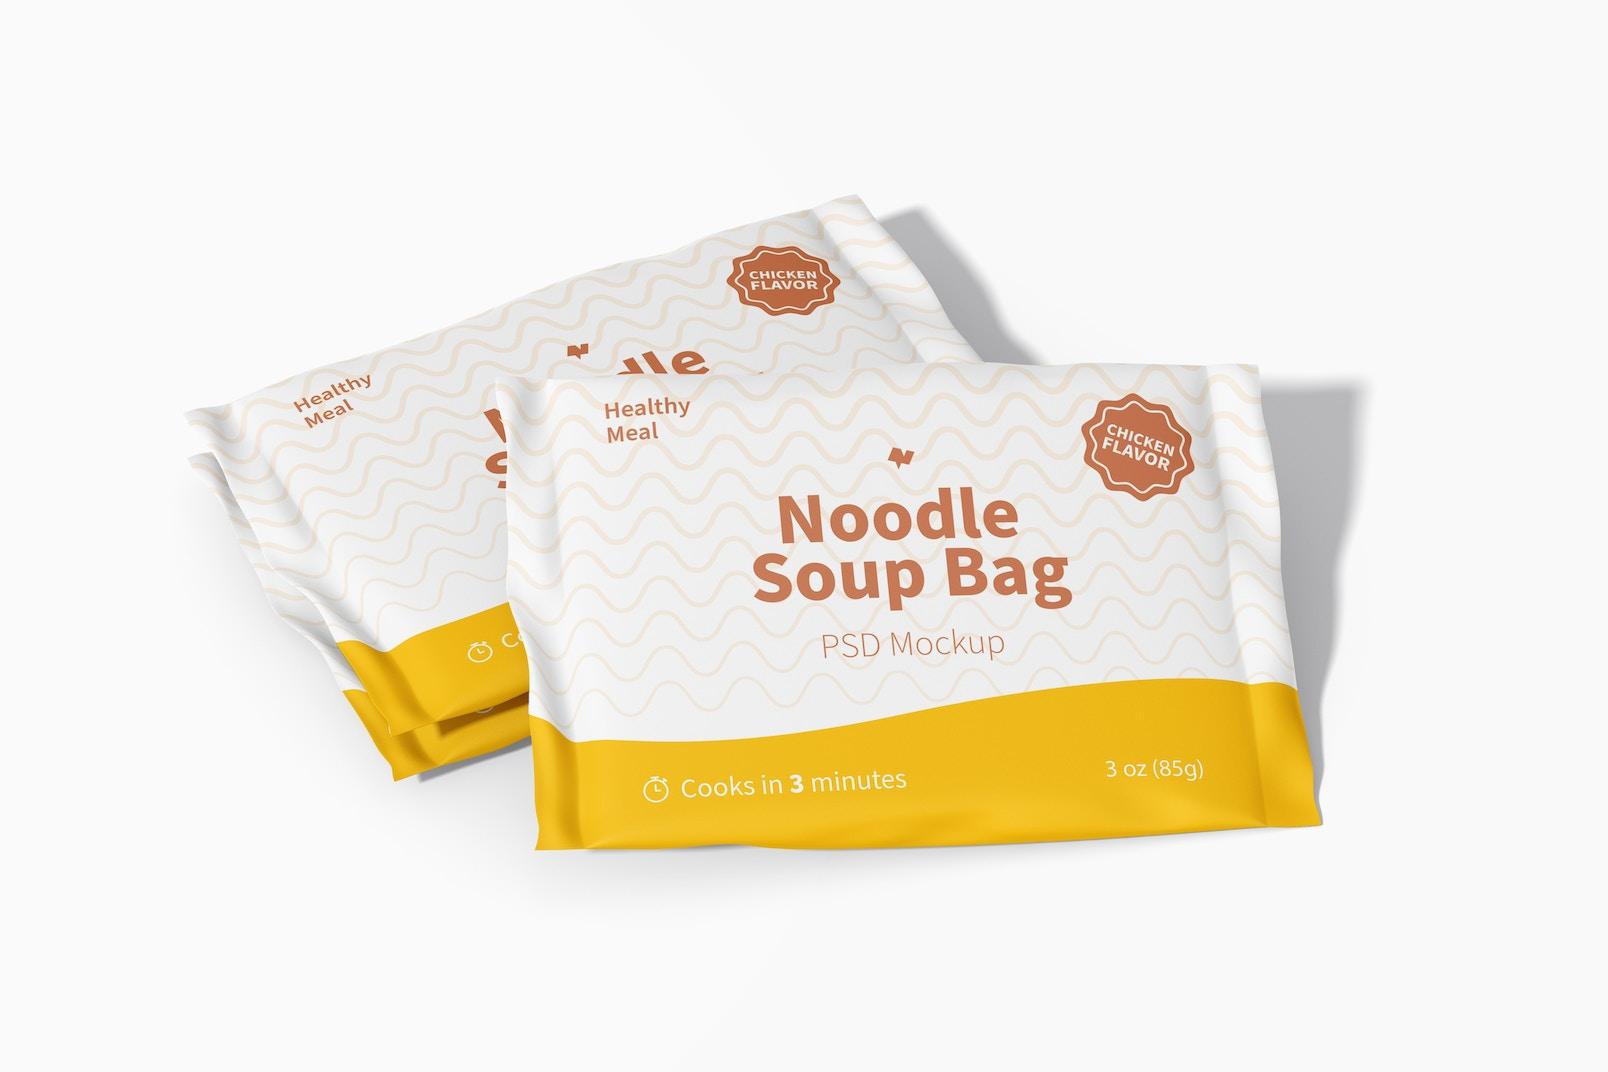 Noodle Soup Bags Mockup